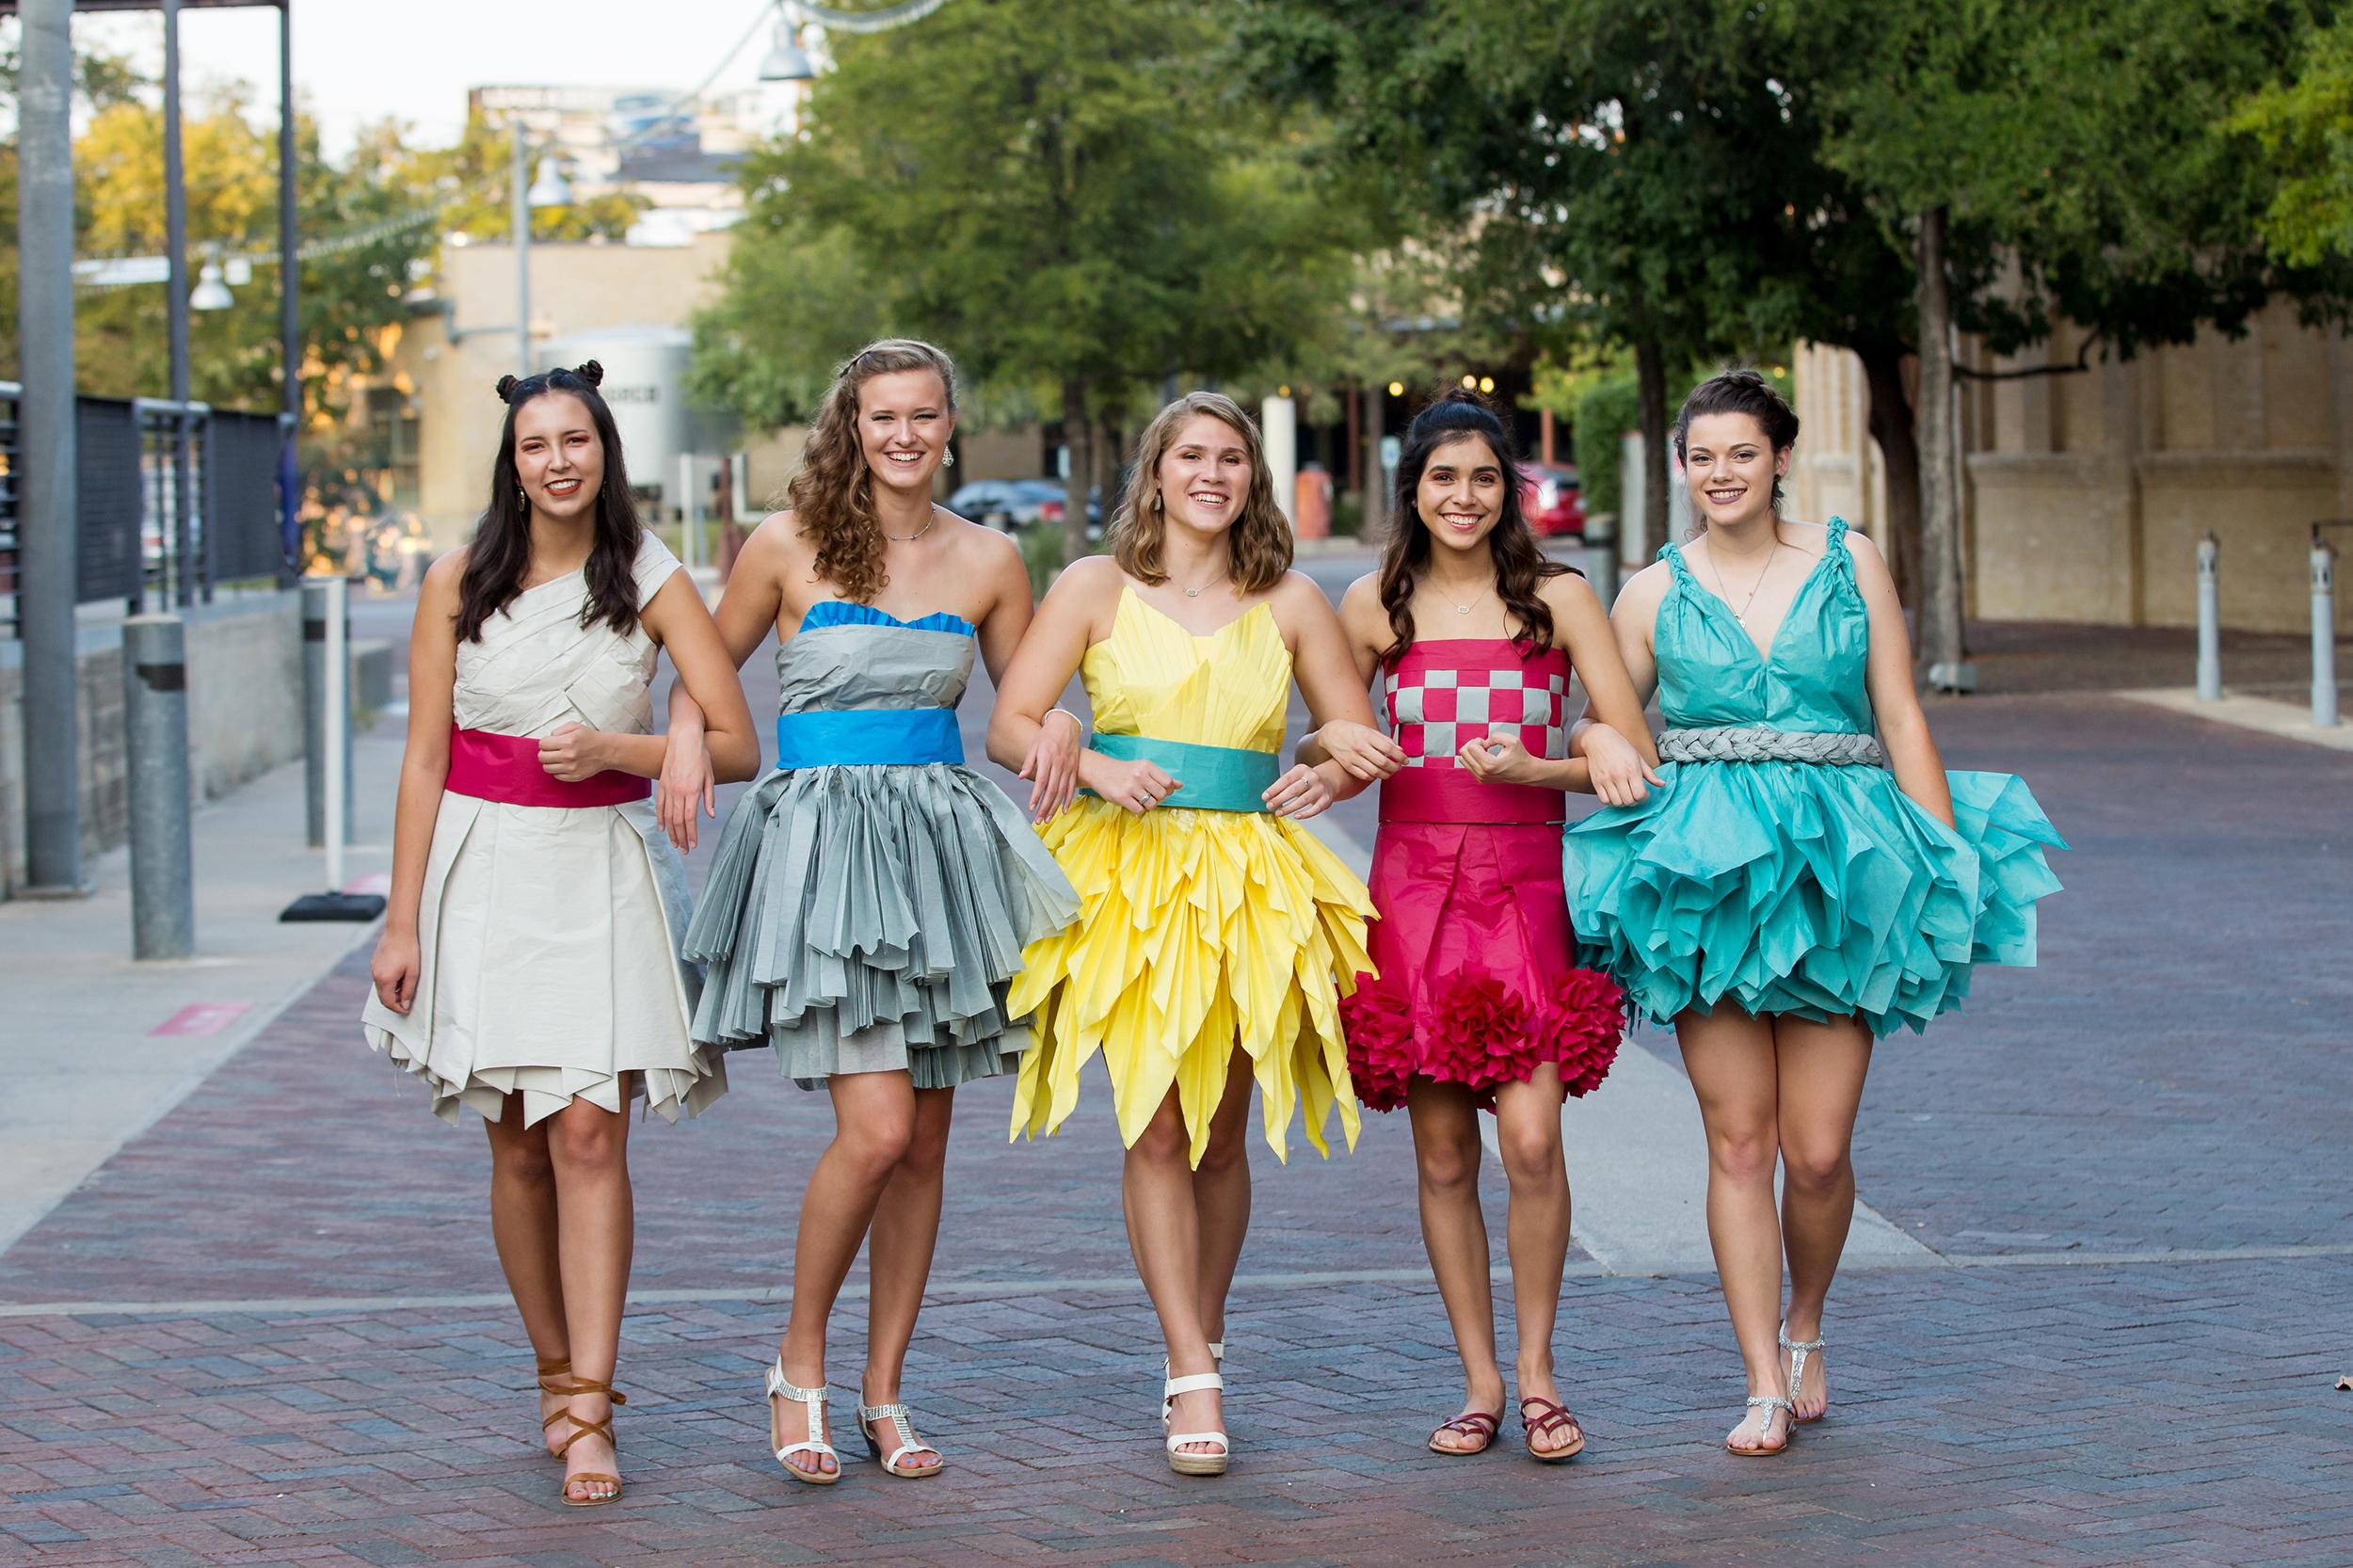 Senior-girls-tissue-paper-dress-group.jpg